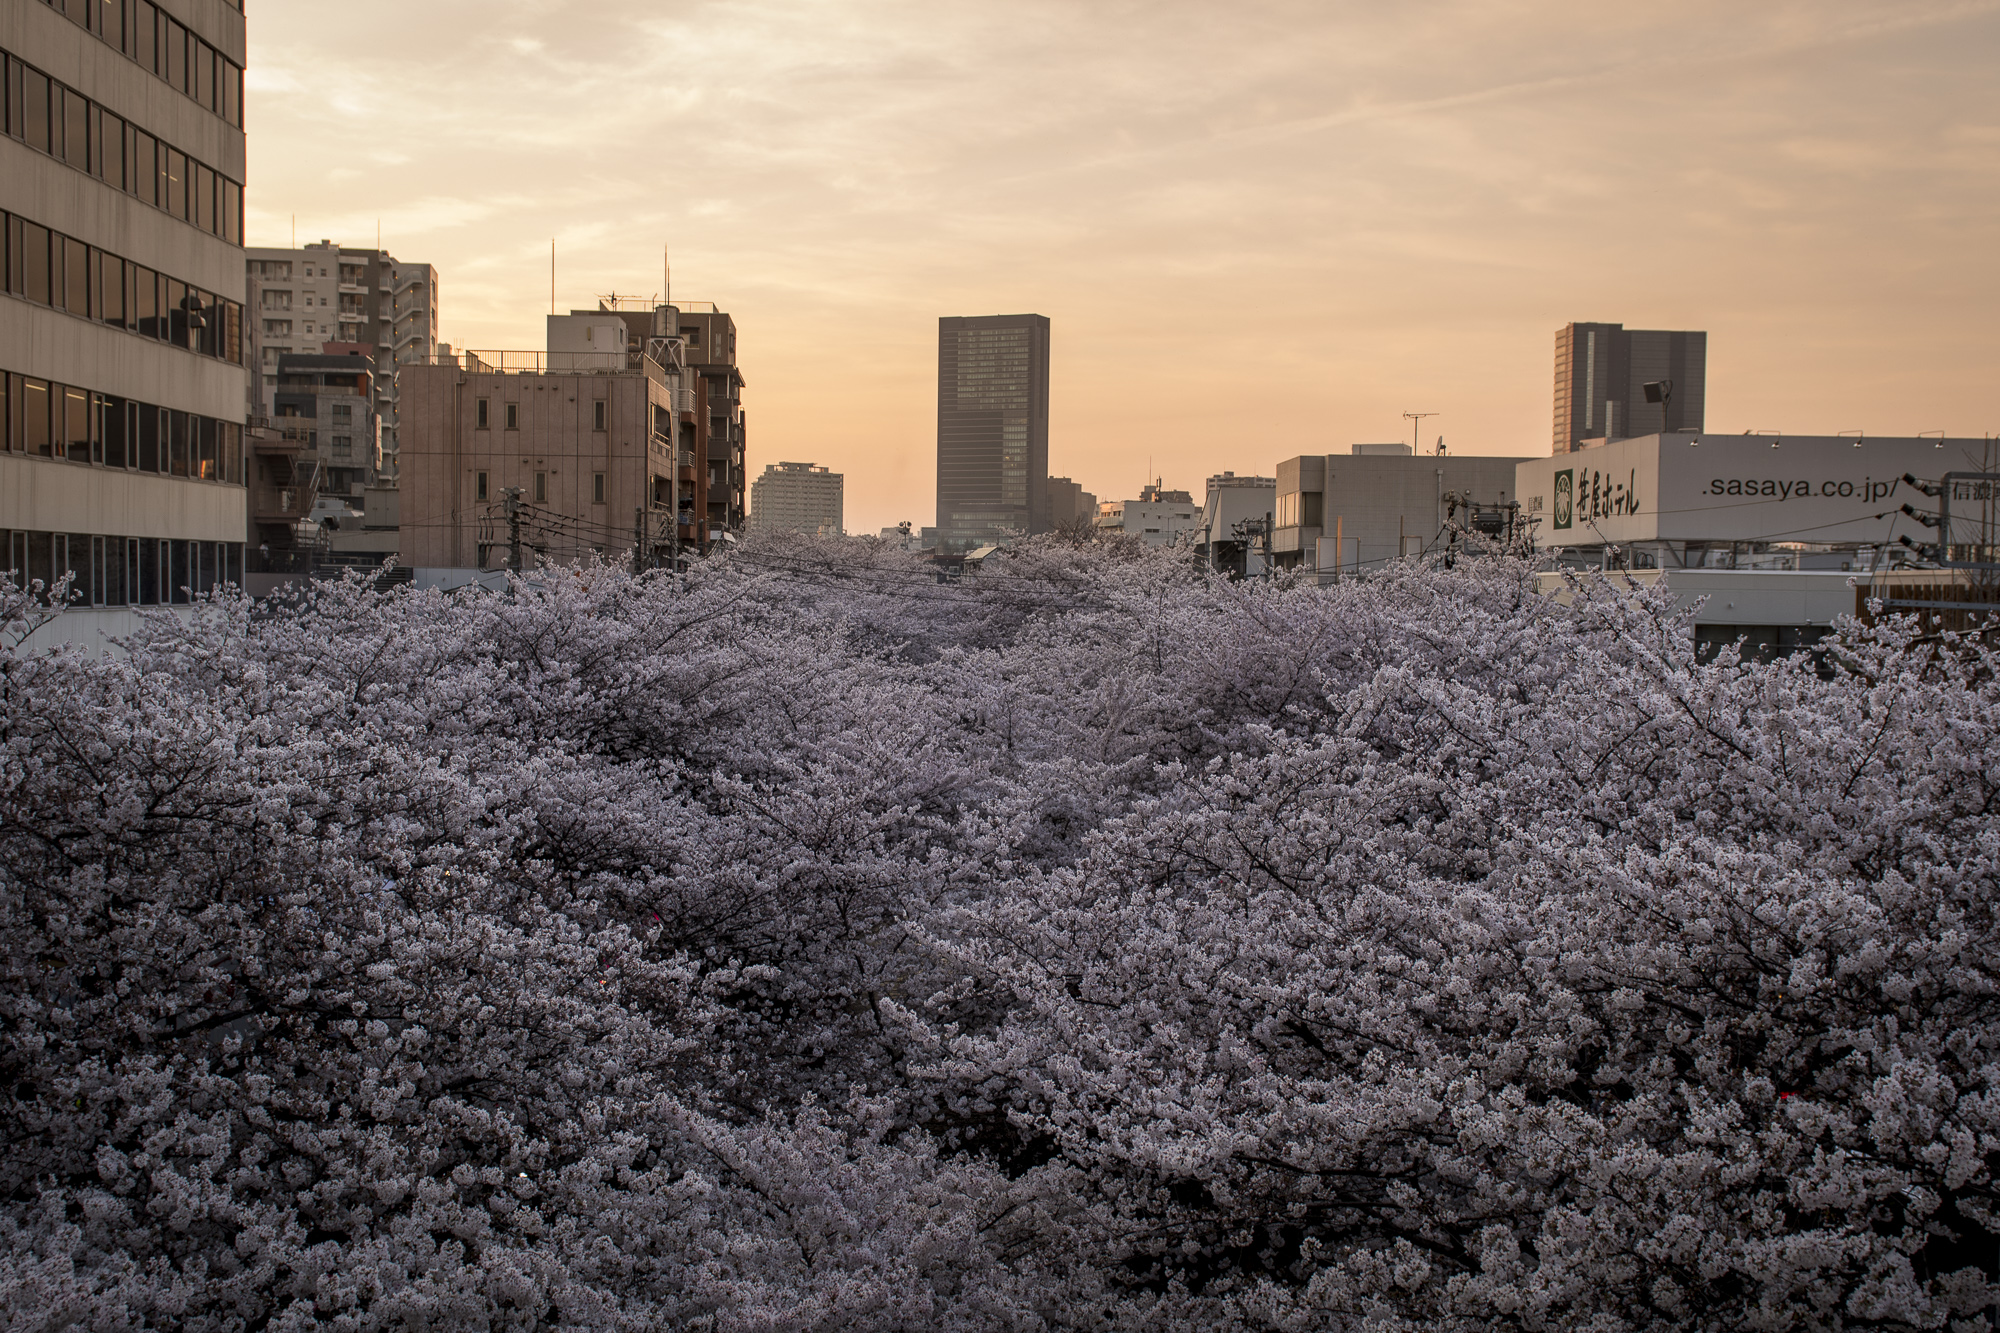 Naka-meguro, Tokyo  PHOTOGRAPHY: Alexander J.E. Bradley • NIKON D500 • AF-S NIKKOR 24-70MM ƒ/2.8G ED @ 24MM • ƒ/4 • 1/125 • ISO 100